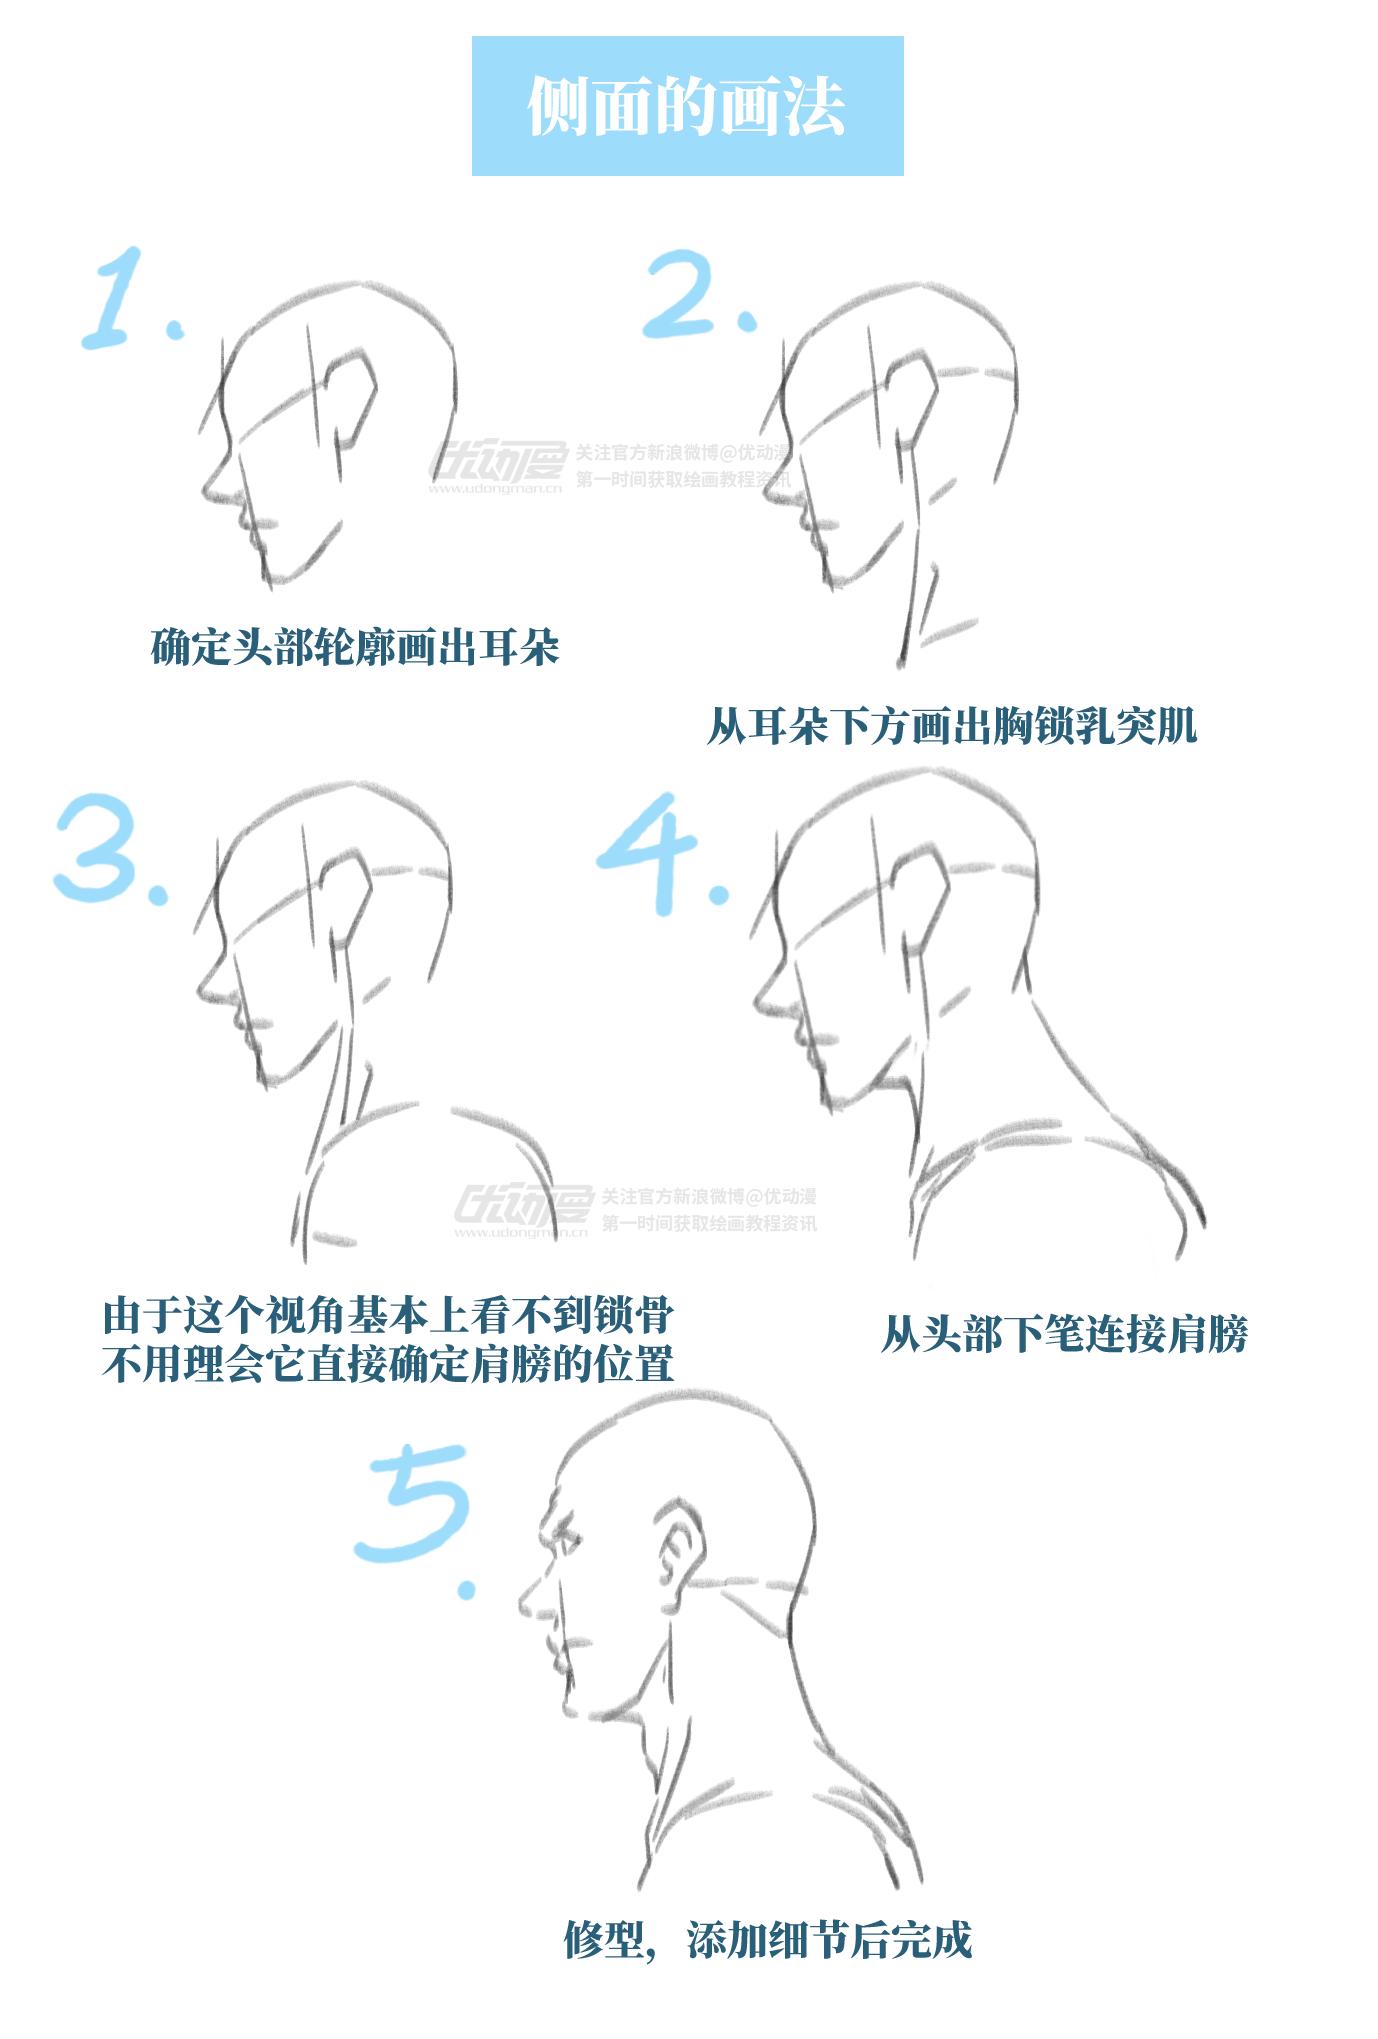 如何画出头颈到肩膀的流畅线条3.png